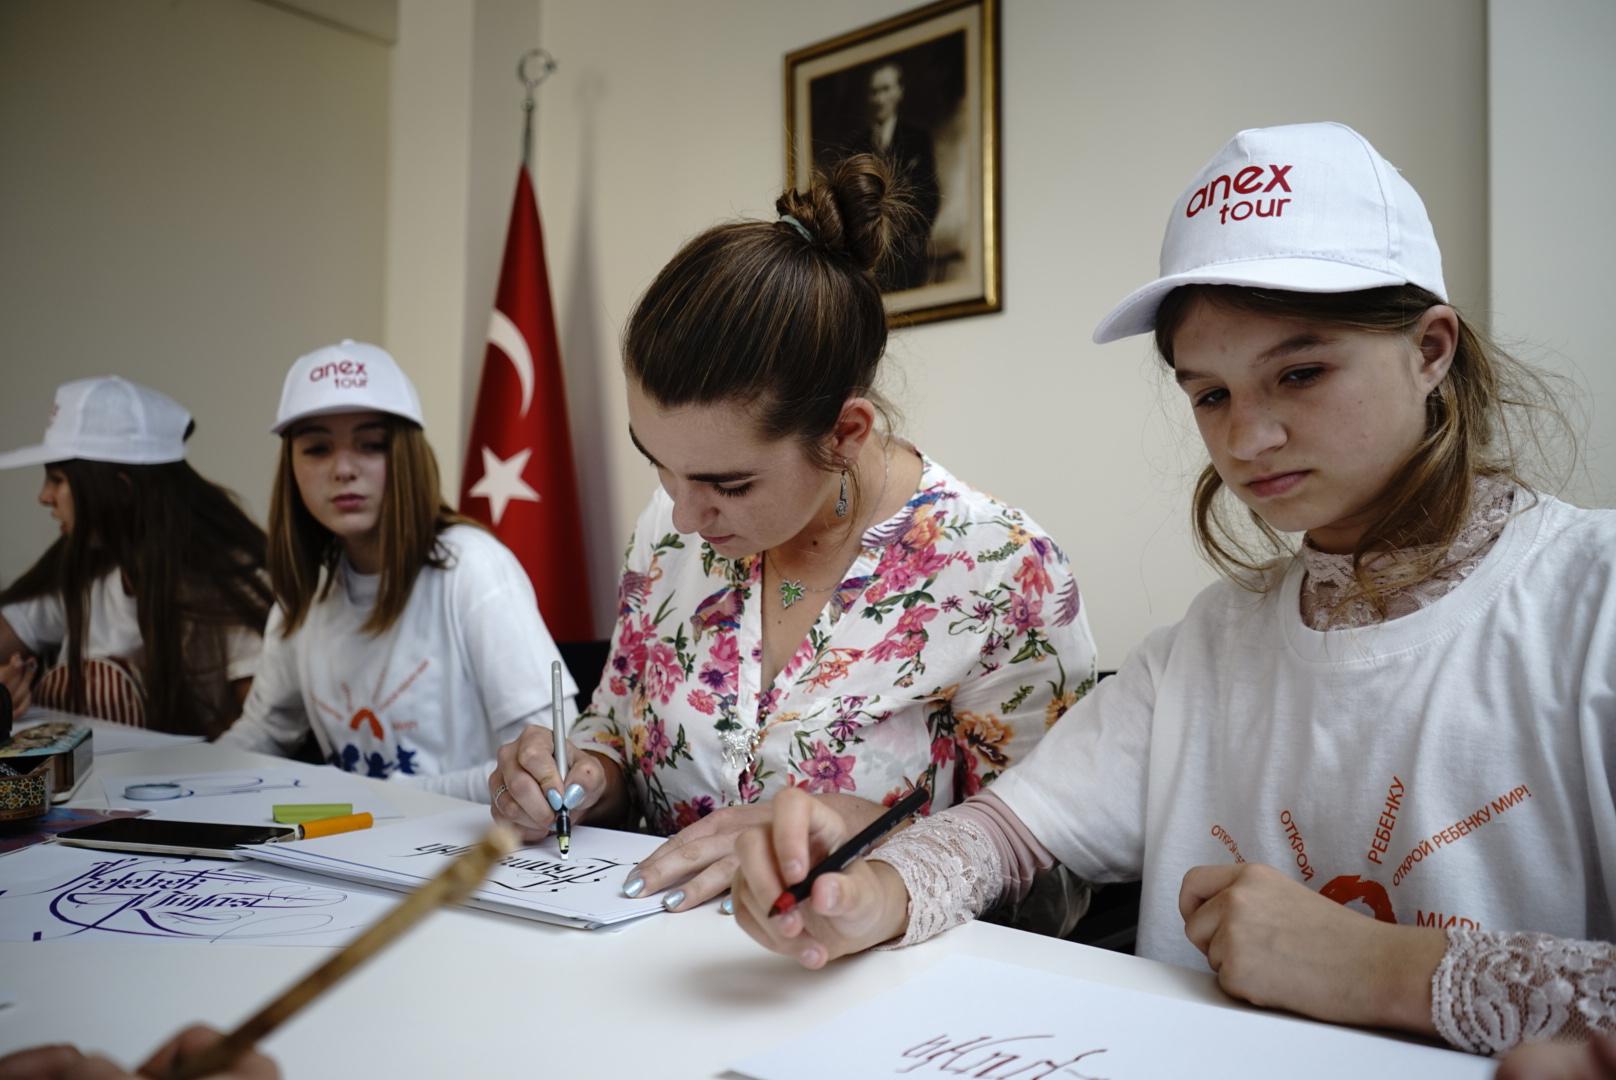 Благодійний проект «Відкрий дитині світ – 2018!» за підтримки Офісу з питань культури та інформації Посольства Туреччини в Україні